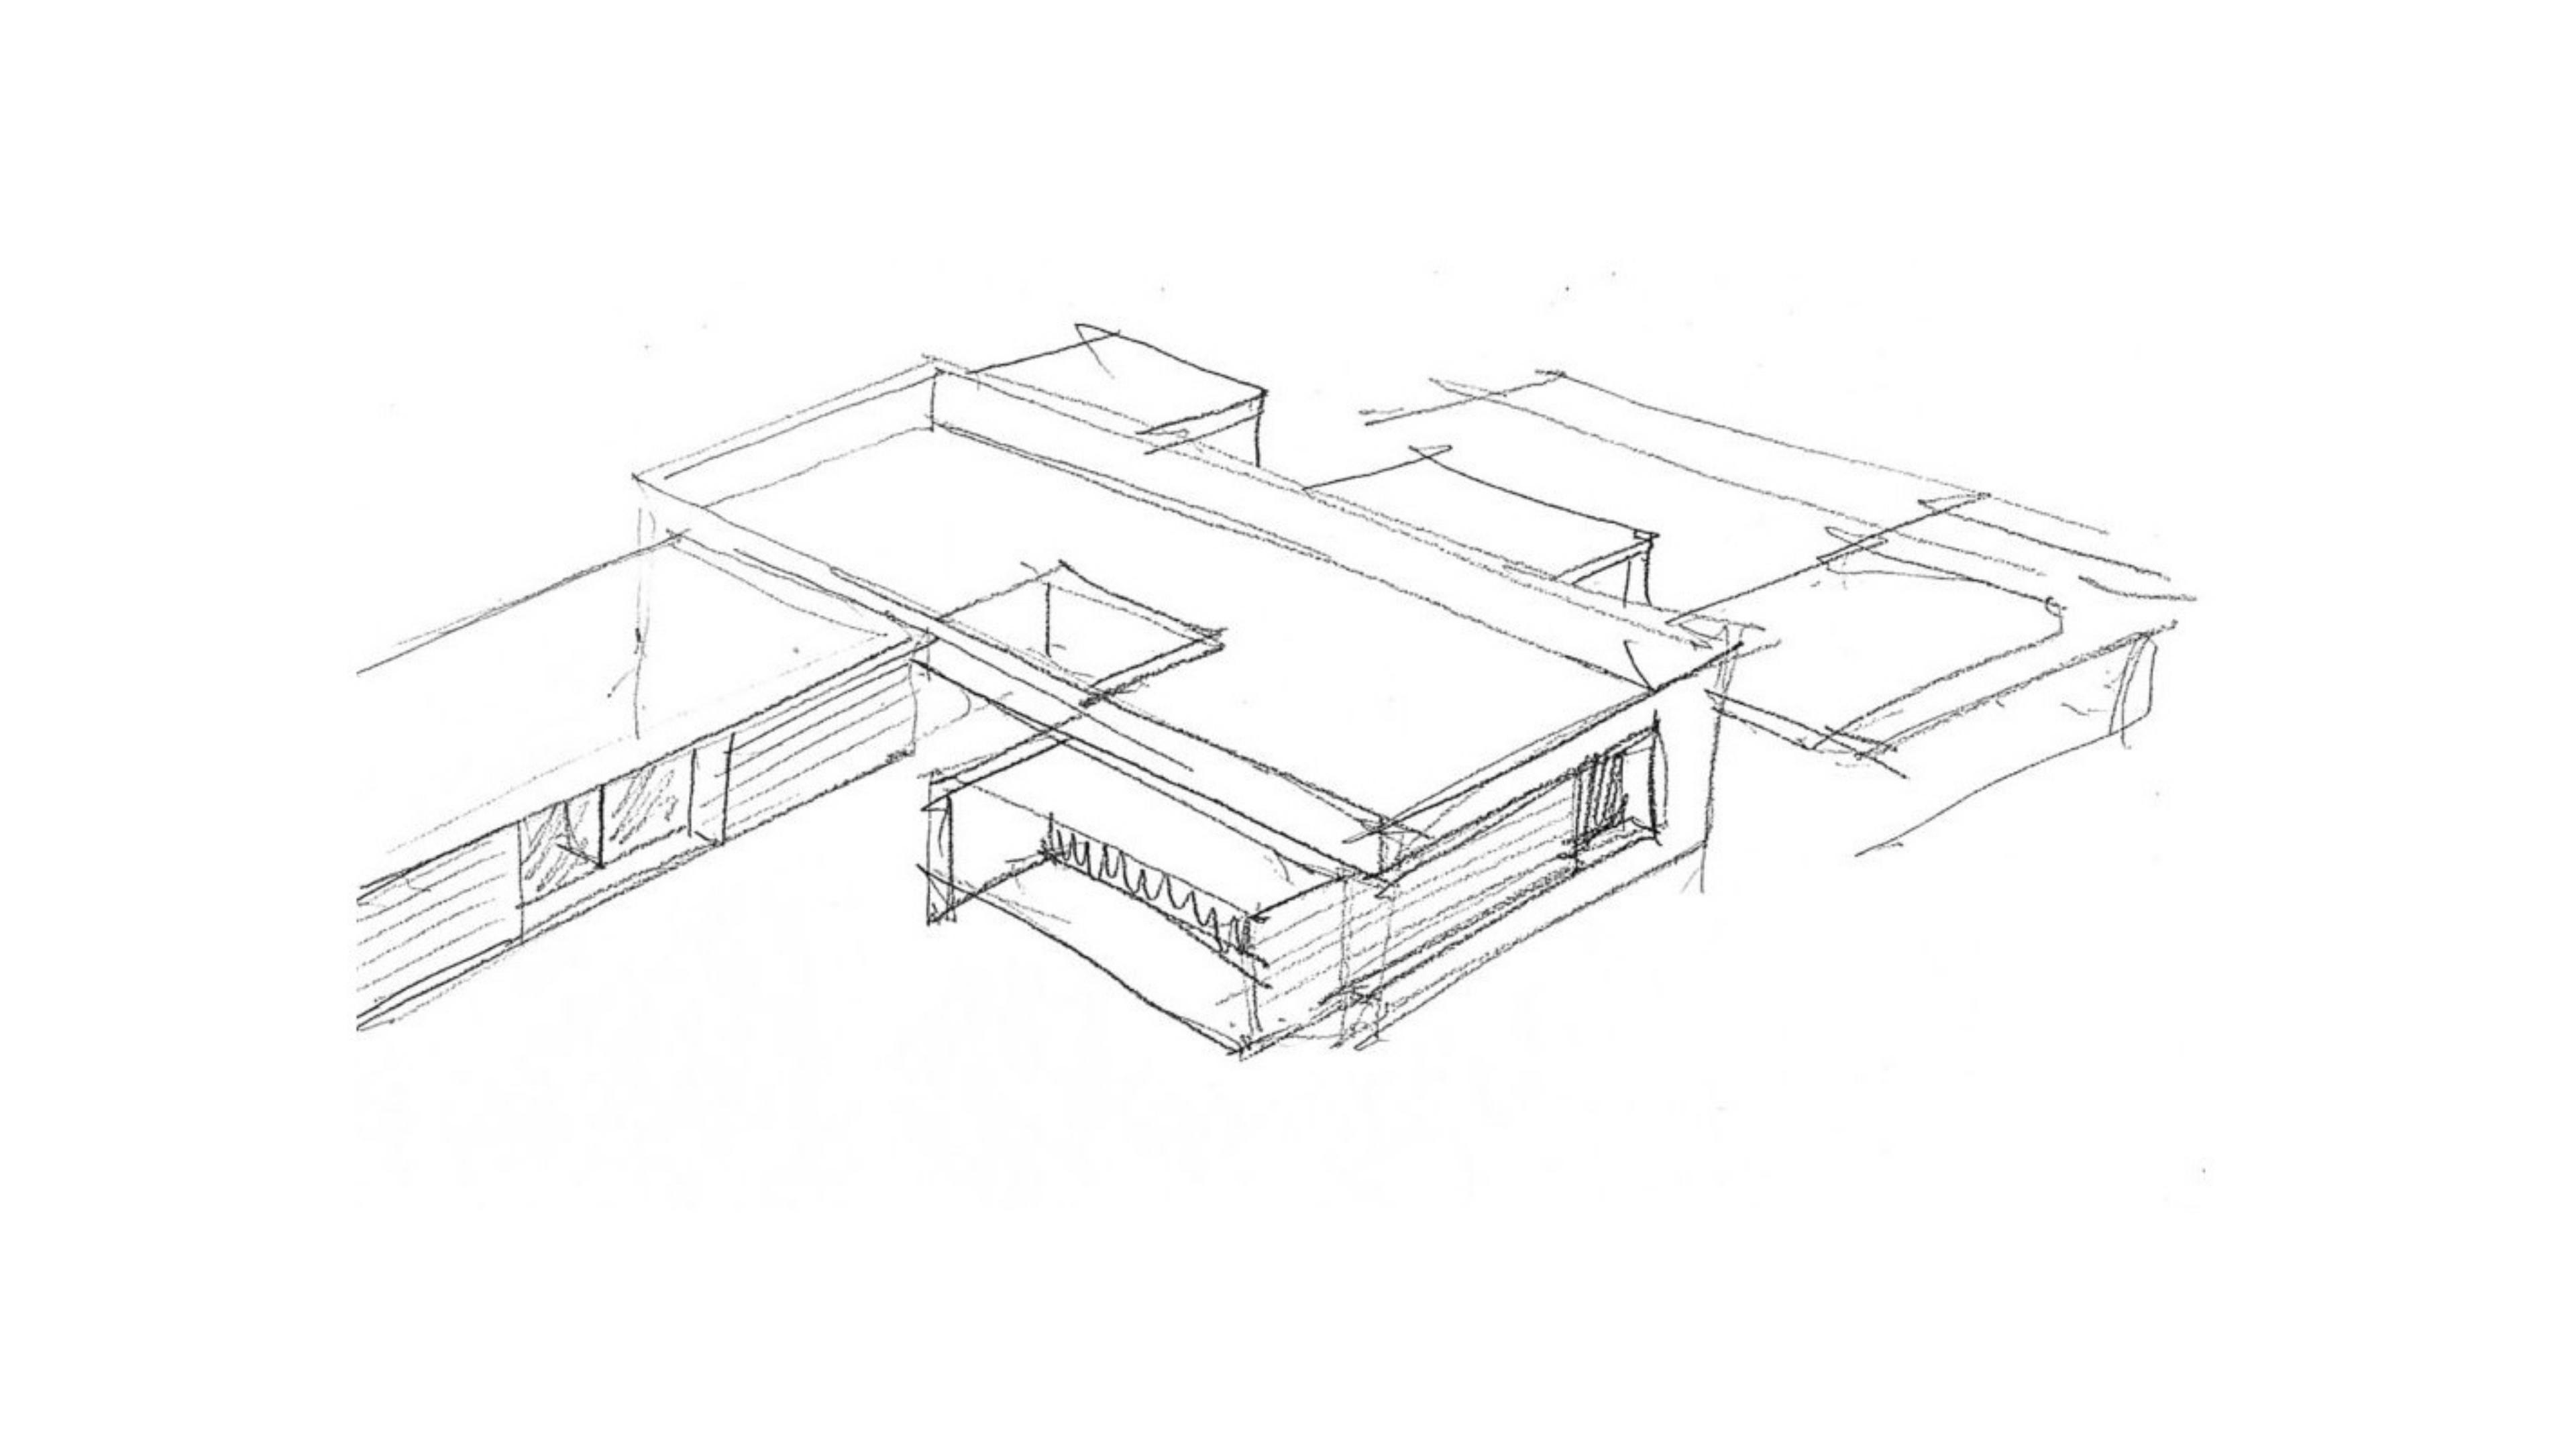 QHOMES9 es un proyecto del estudio de arquitectura FH2L Arquitectos. Conformado por 9 viviendas unifamiliares.